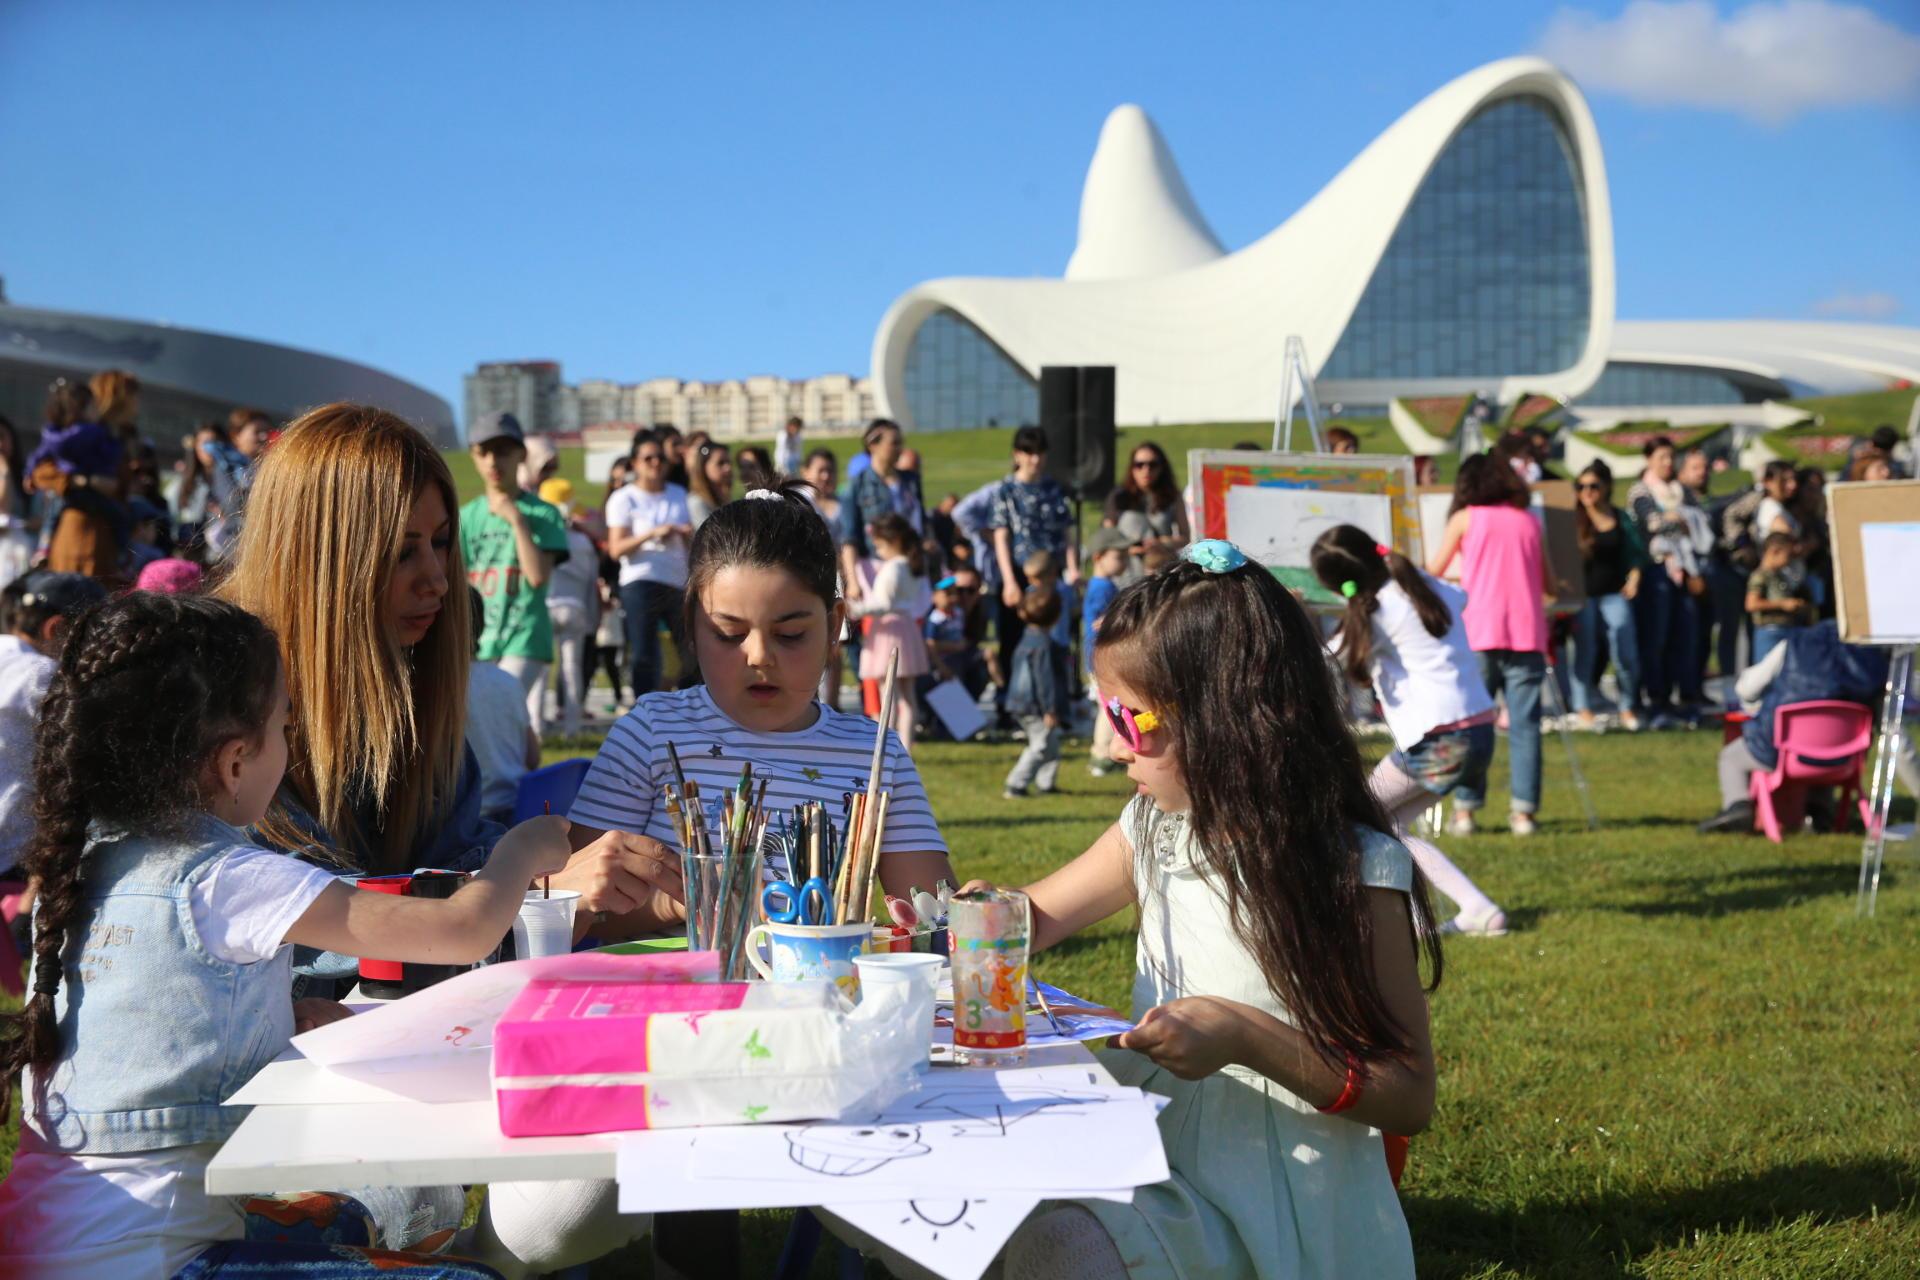 Heydər Əliyev Mərkəzinin parkında uşaqlar üçün rəsm dərsi (FOTO)